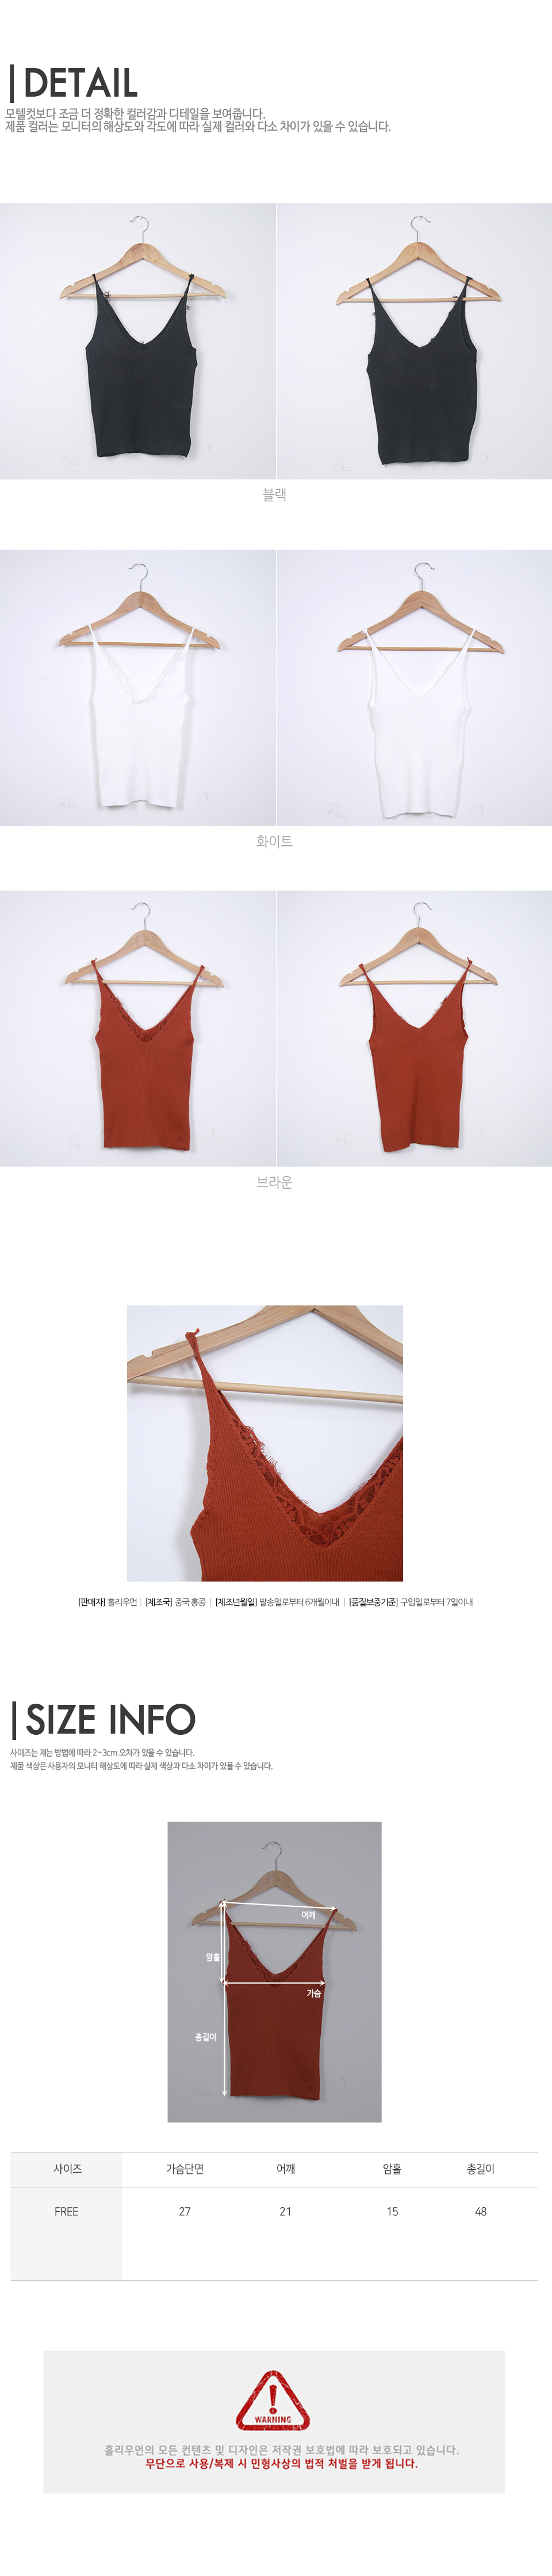 홀리 여성 레이스 끈 골지 나시 - 홀리우먼, 12,900원, 상의, 민소매티셔츠